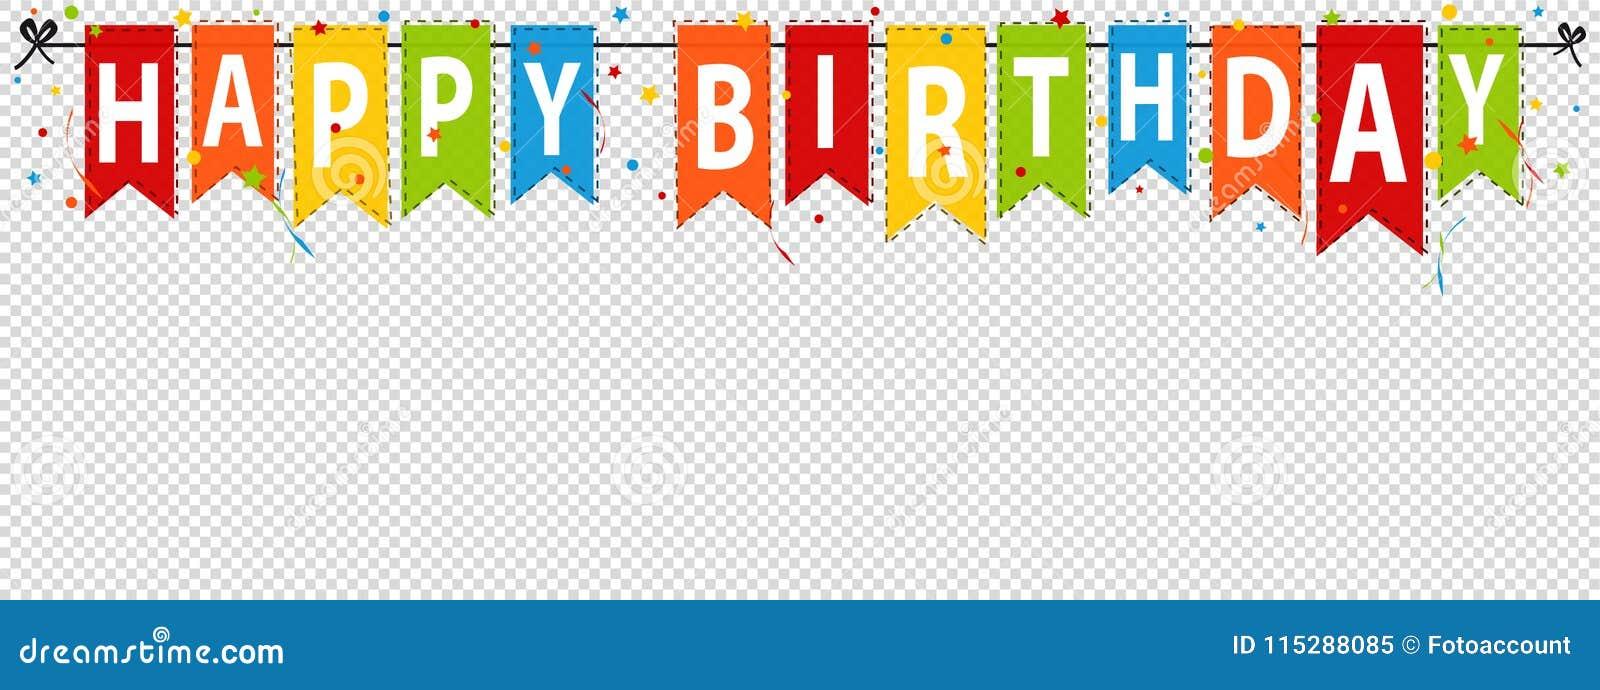 生日快乐横幅,在透明-编辑可能的传染媒介例证-隔绝的背景